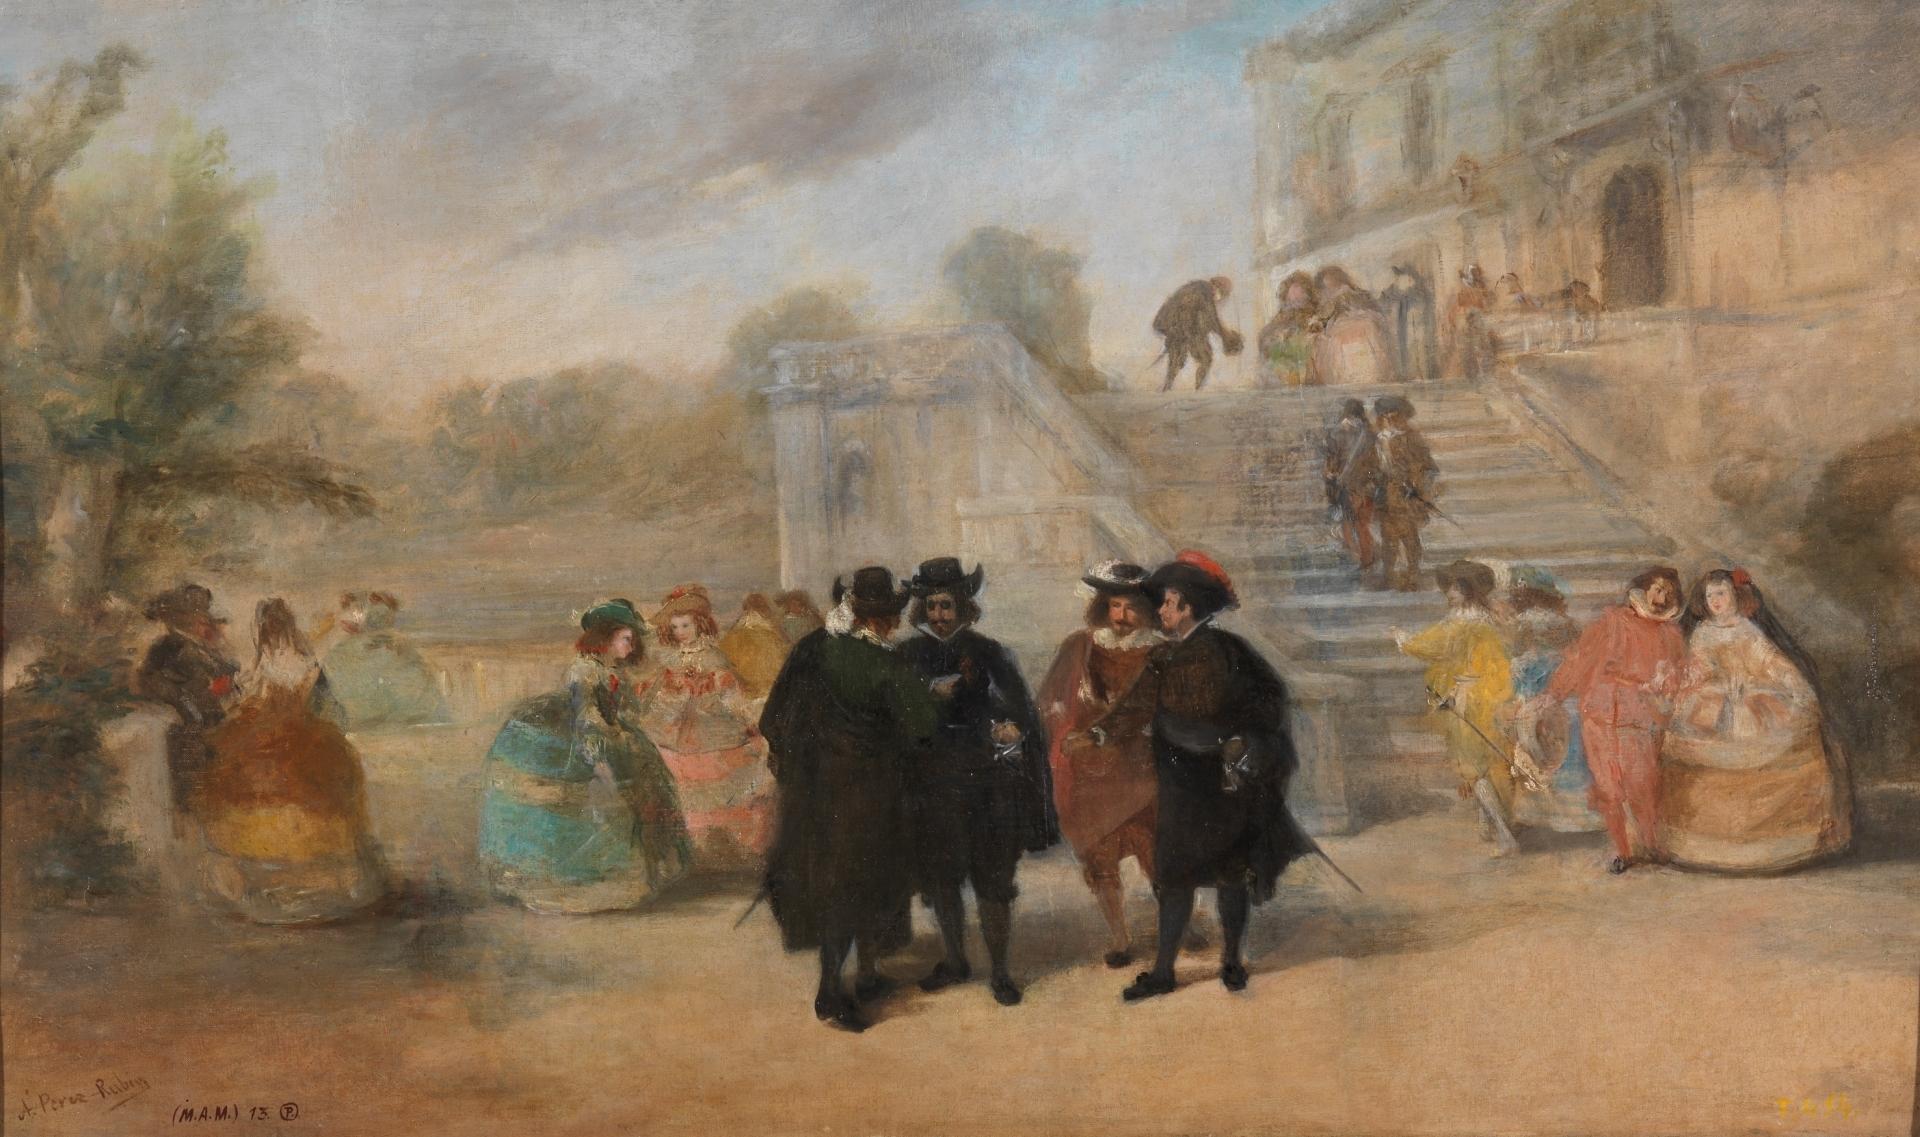 Intriga contra don F.º de Quevedo en los jardines del Palacio del Buen Retiro (c. 1876) por Antonio Pérez Rubio. Óleo sobre lienzo, Museo del Prado